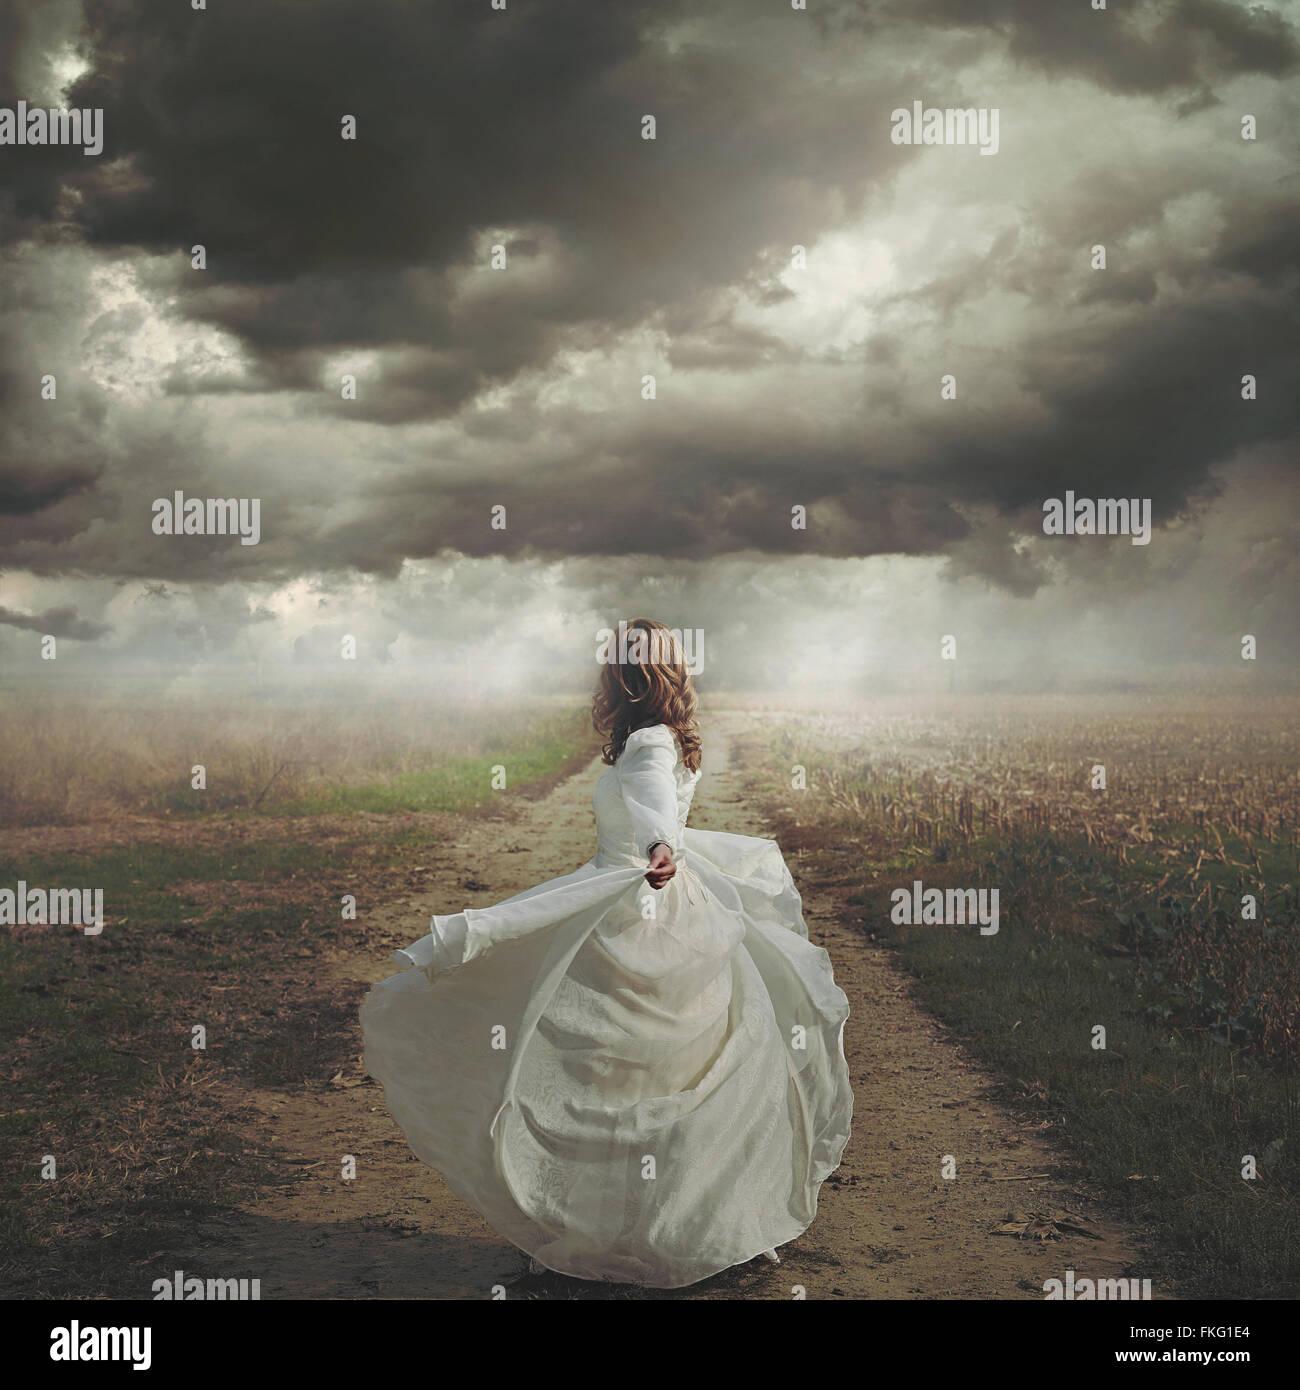 Frau tanzt in desolate Straße. Dramatische und surreale Wolkengebilde Stockbild